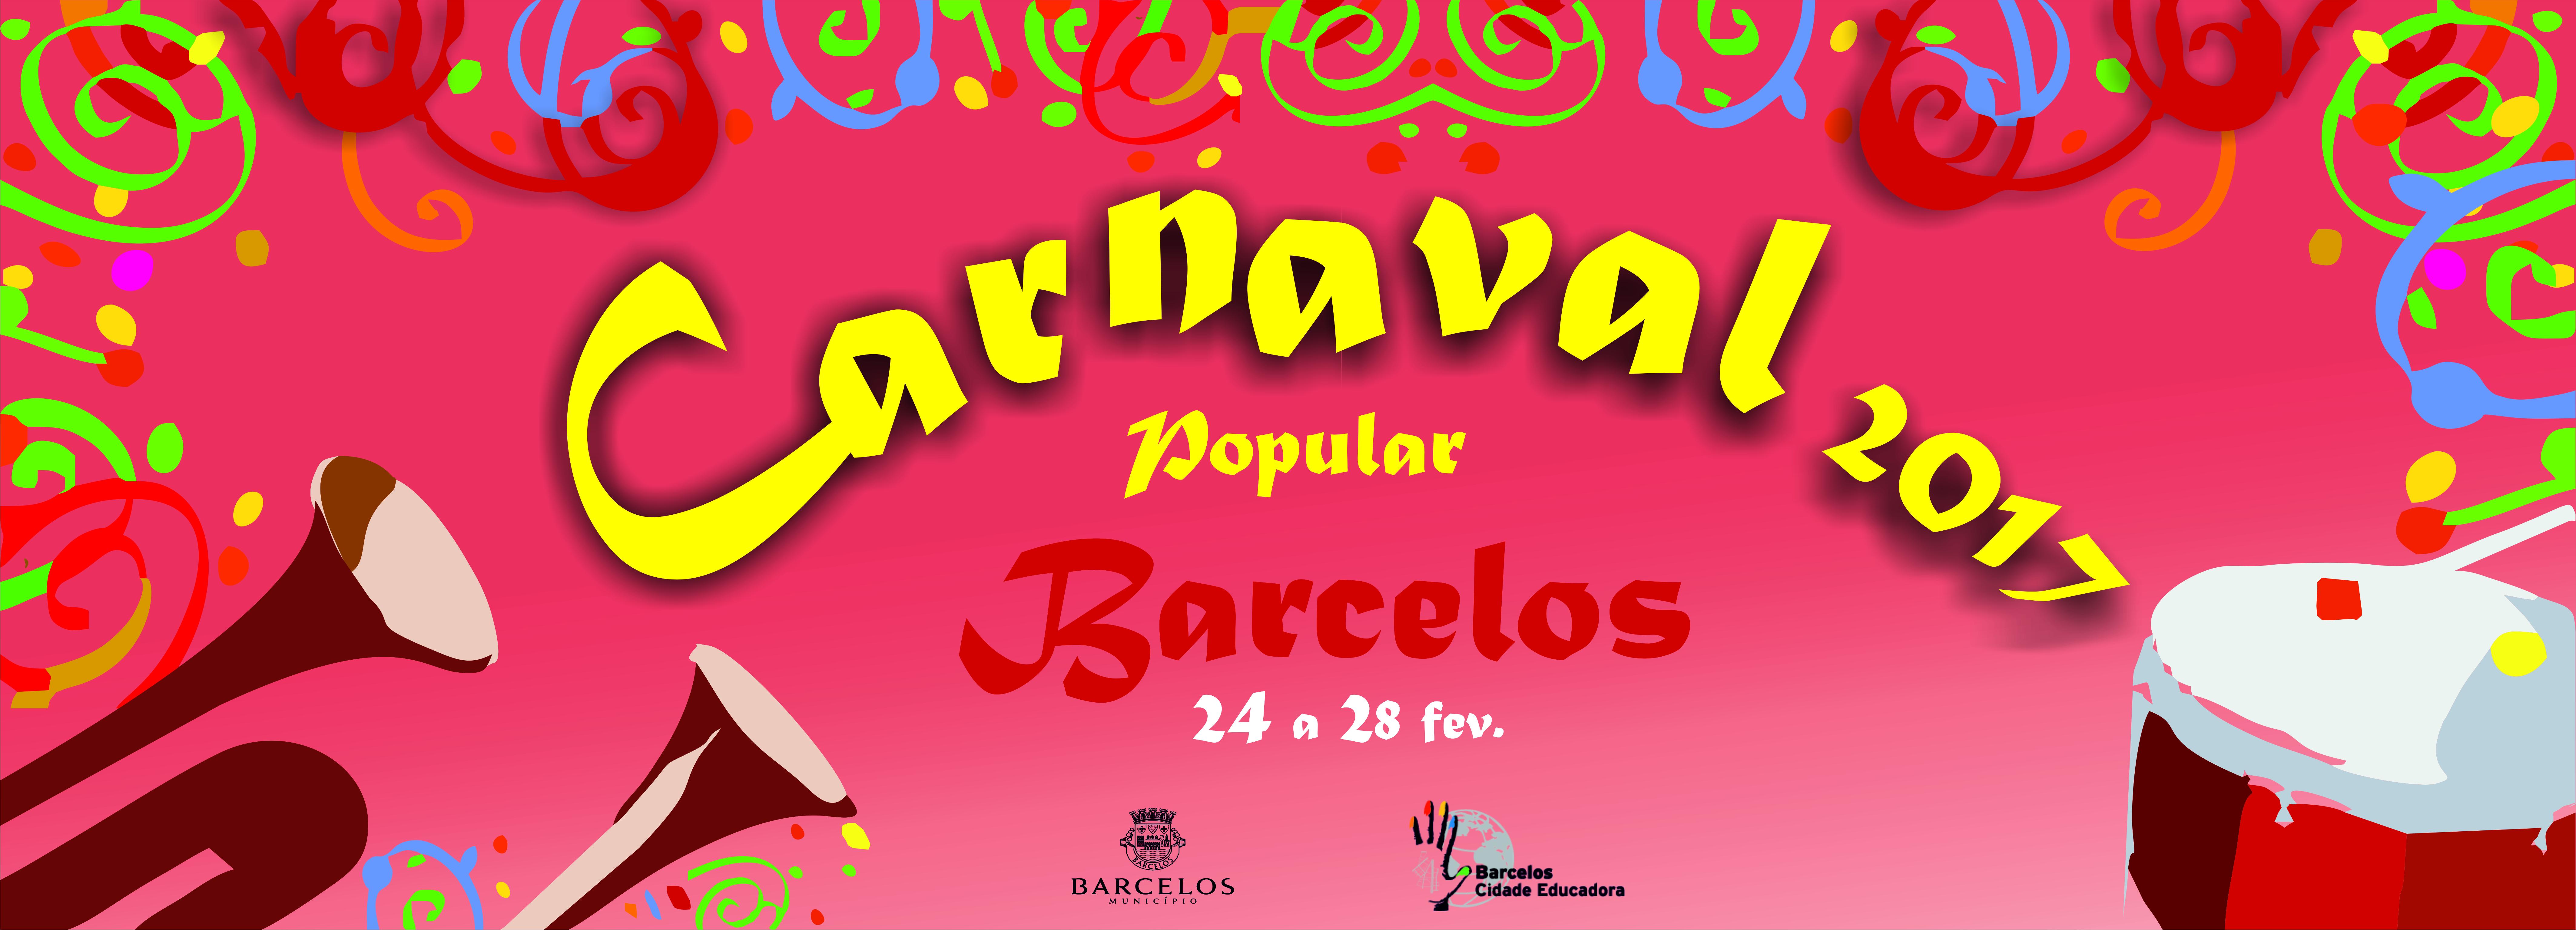 Máscaras, baile e música, a magia do Carnaval barcelense